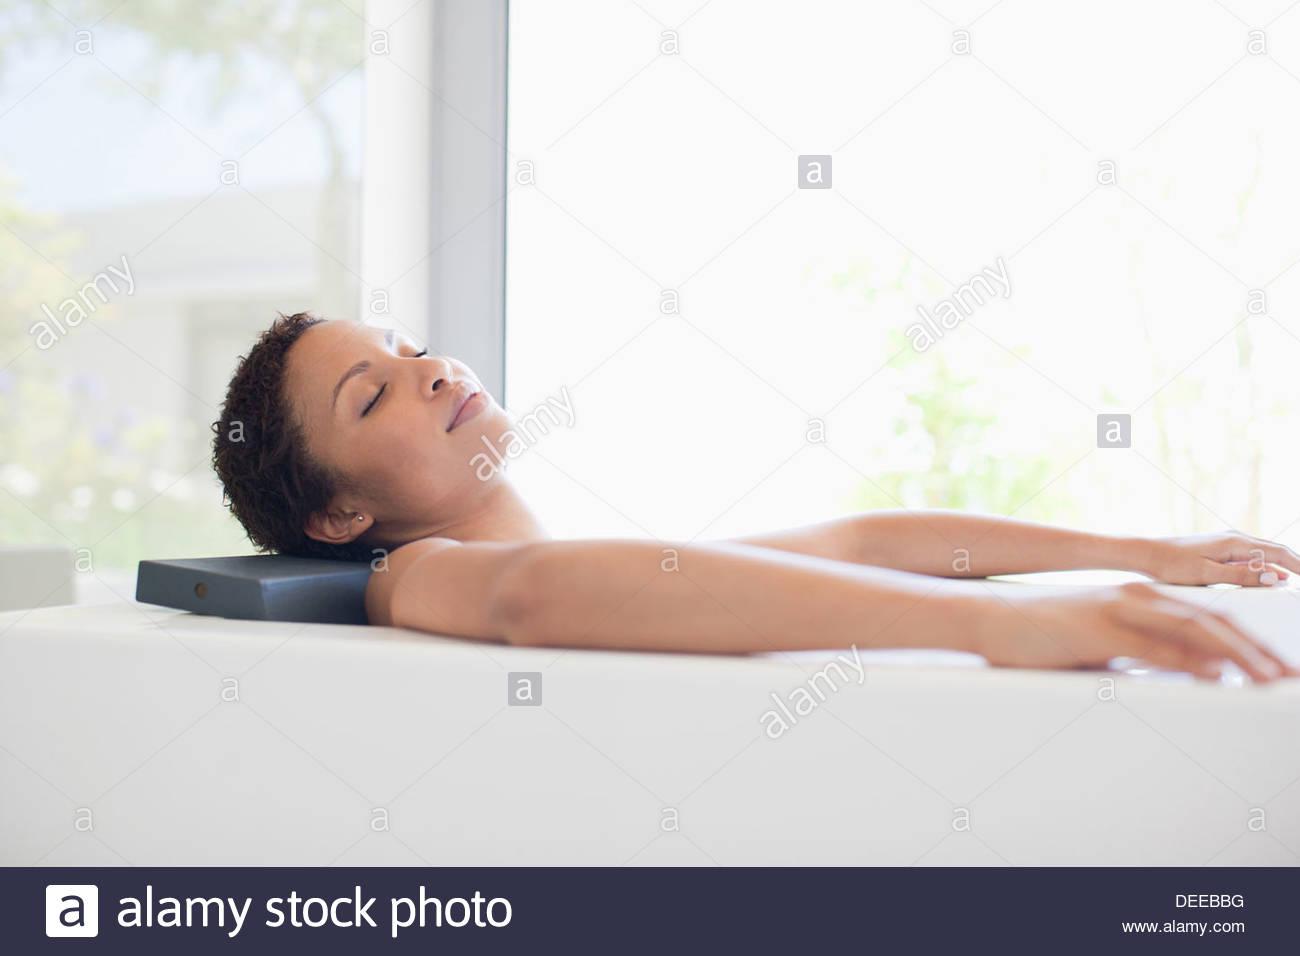 Frau in der Badewanne entspannen Stockbild